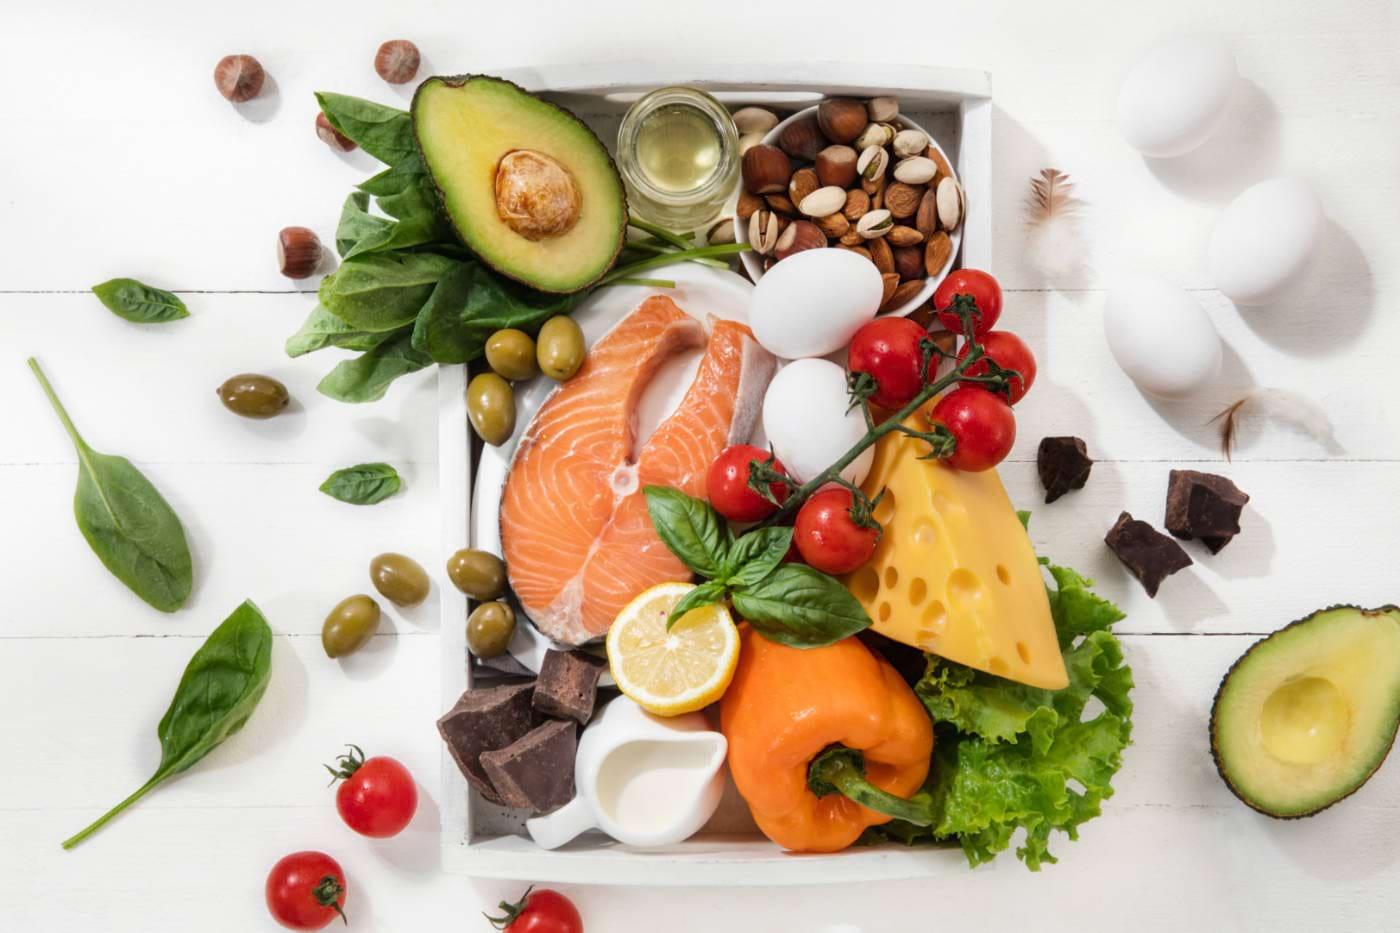 Consumul redus de carbohidrați ajută diabeticii să-și regleze glicemia